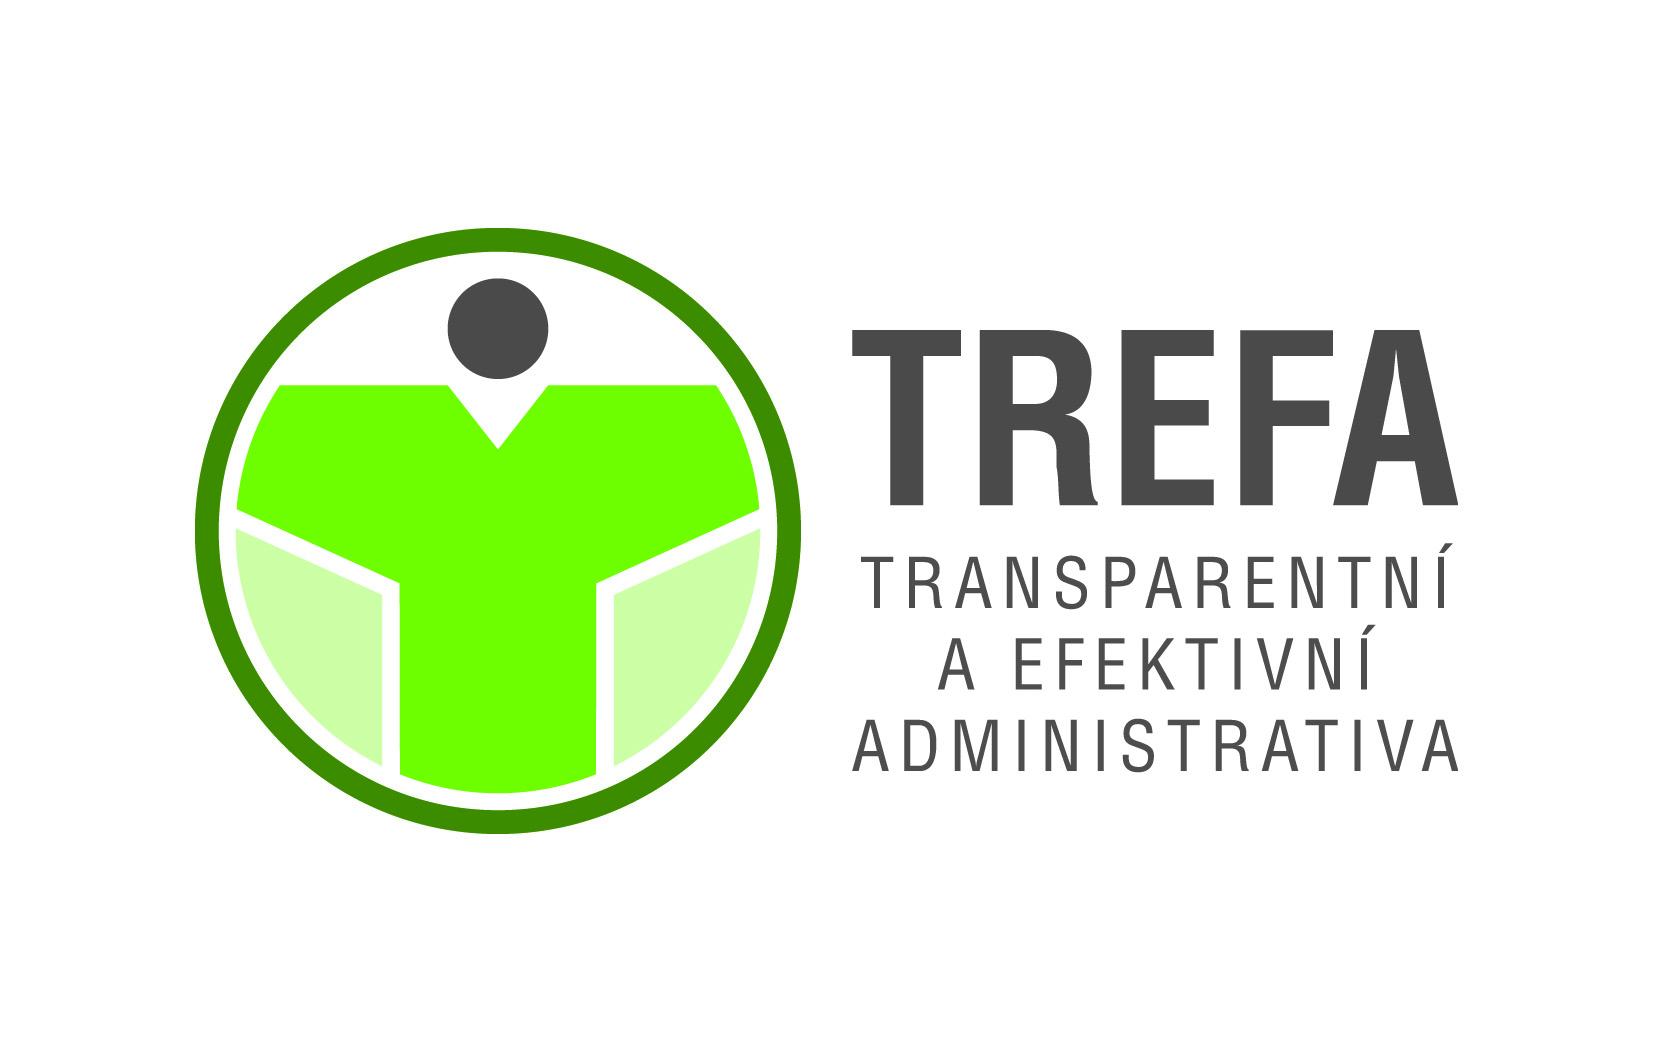 Návrh designu loga TREFA - transparentní a efektivní administrativa